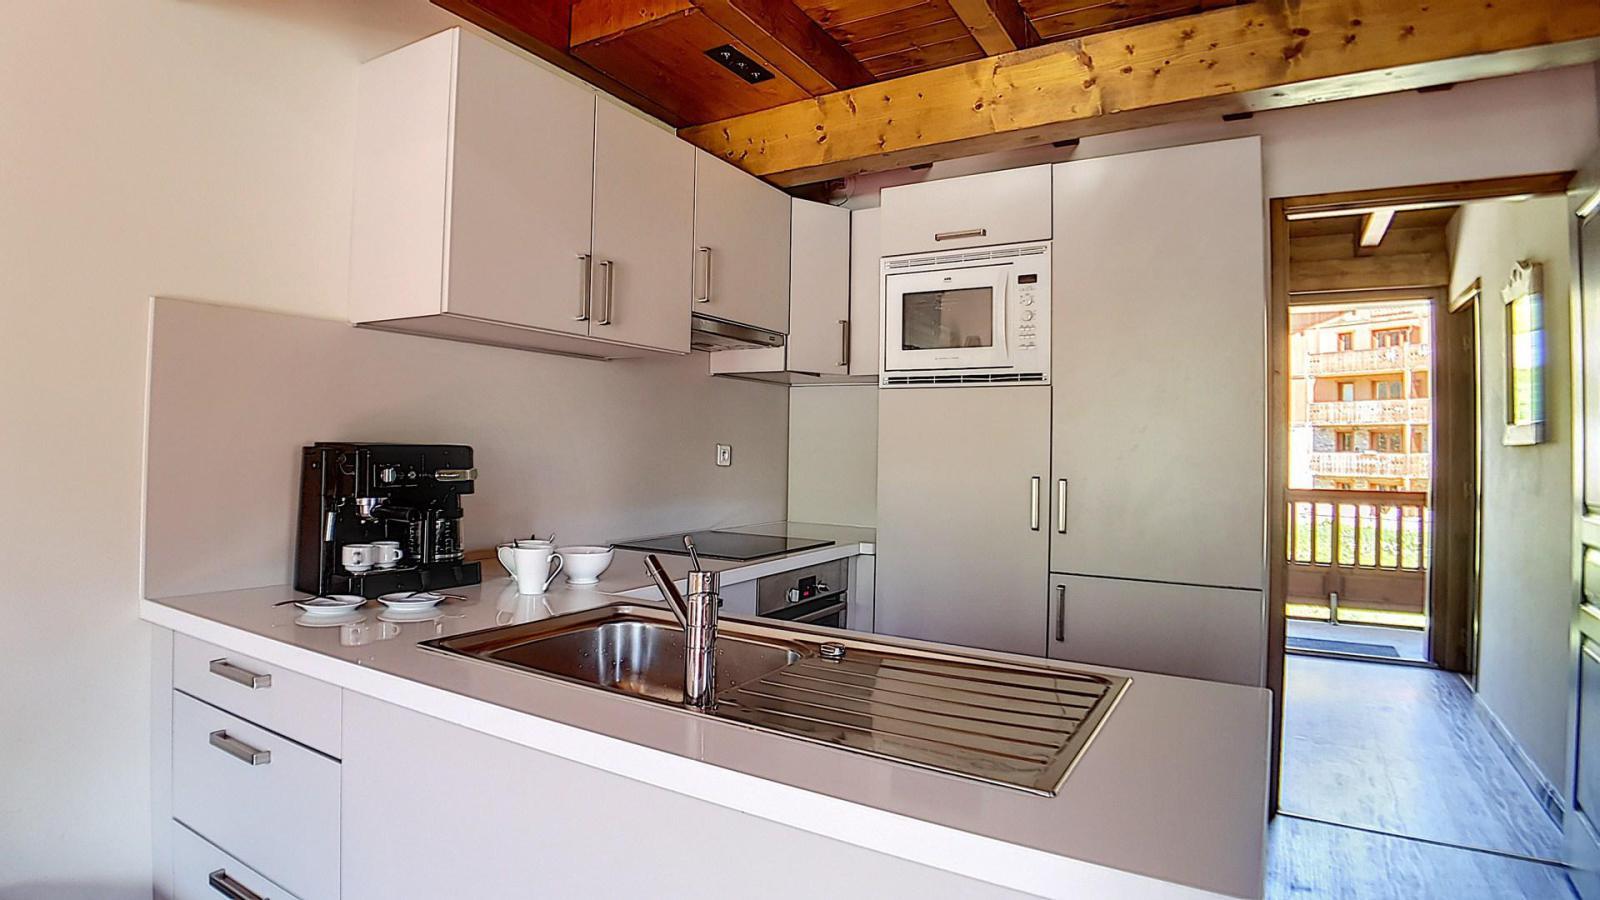 Location au ski Appartement duplex 4 pièces 10 personnes (8) - Residence Les Cristaux - Les Menuires - Extérieur hiver